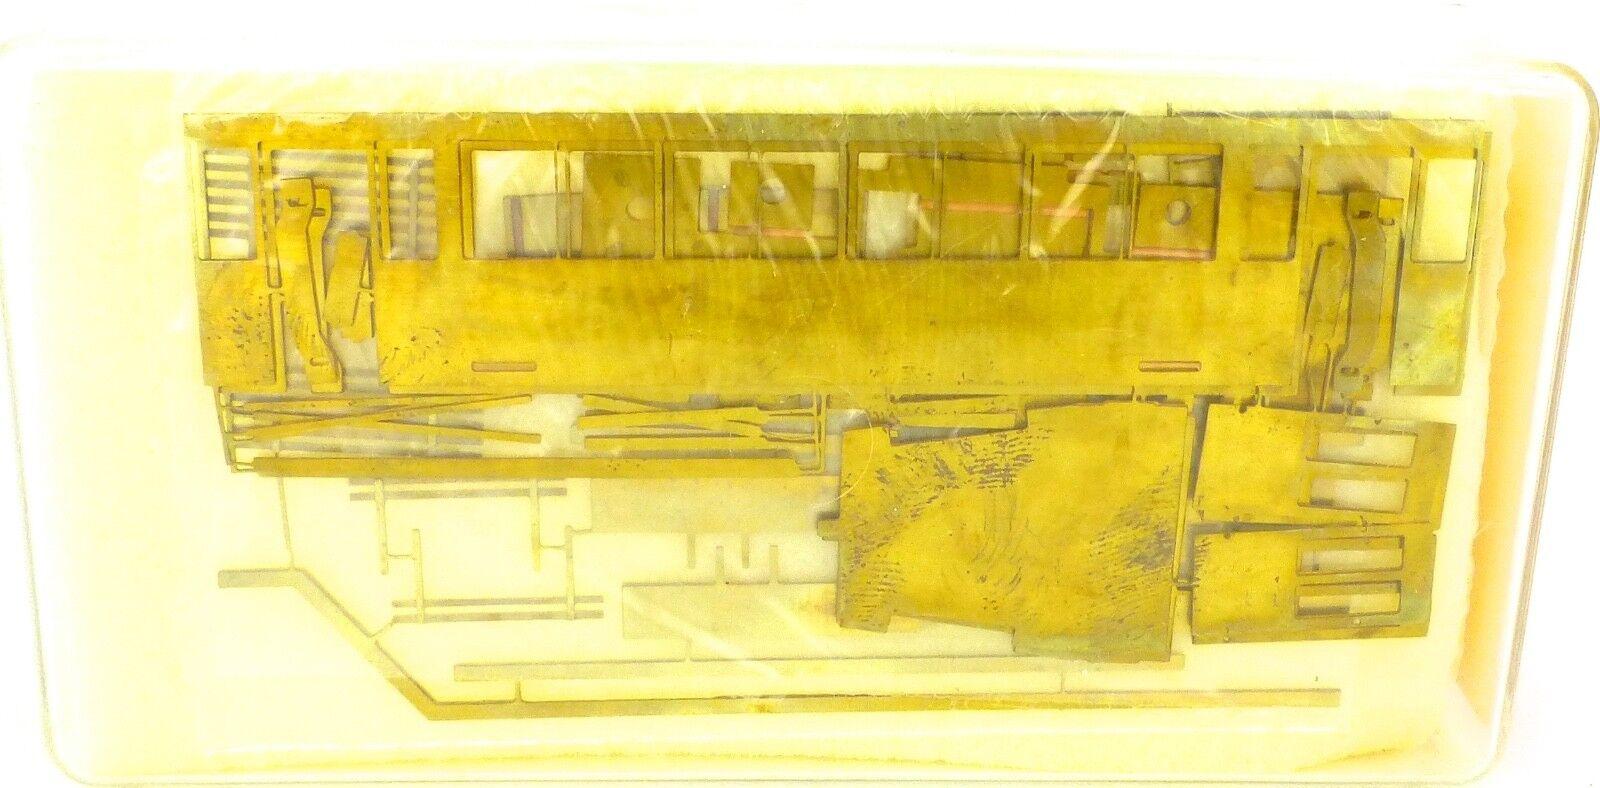 Fröwis 1003 t25 tram KIT OTTONE OVP 1:87 Å *